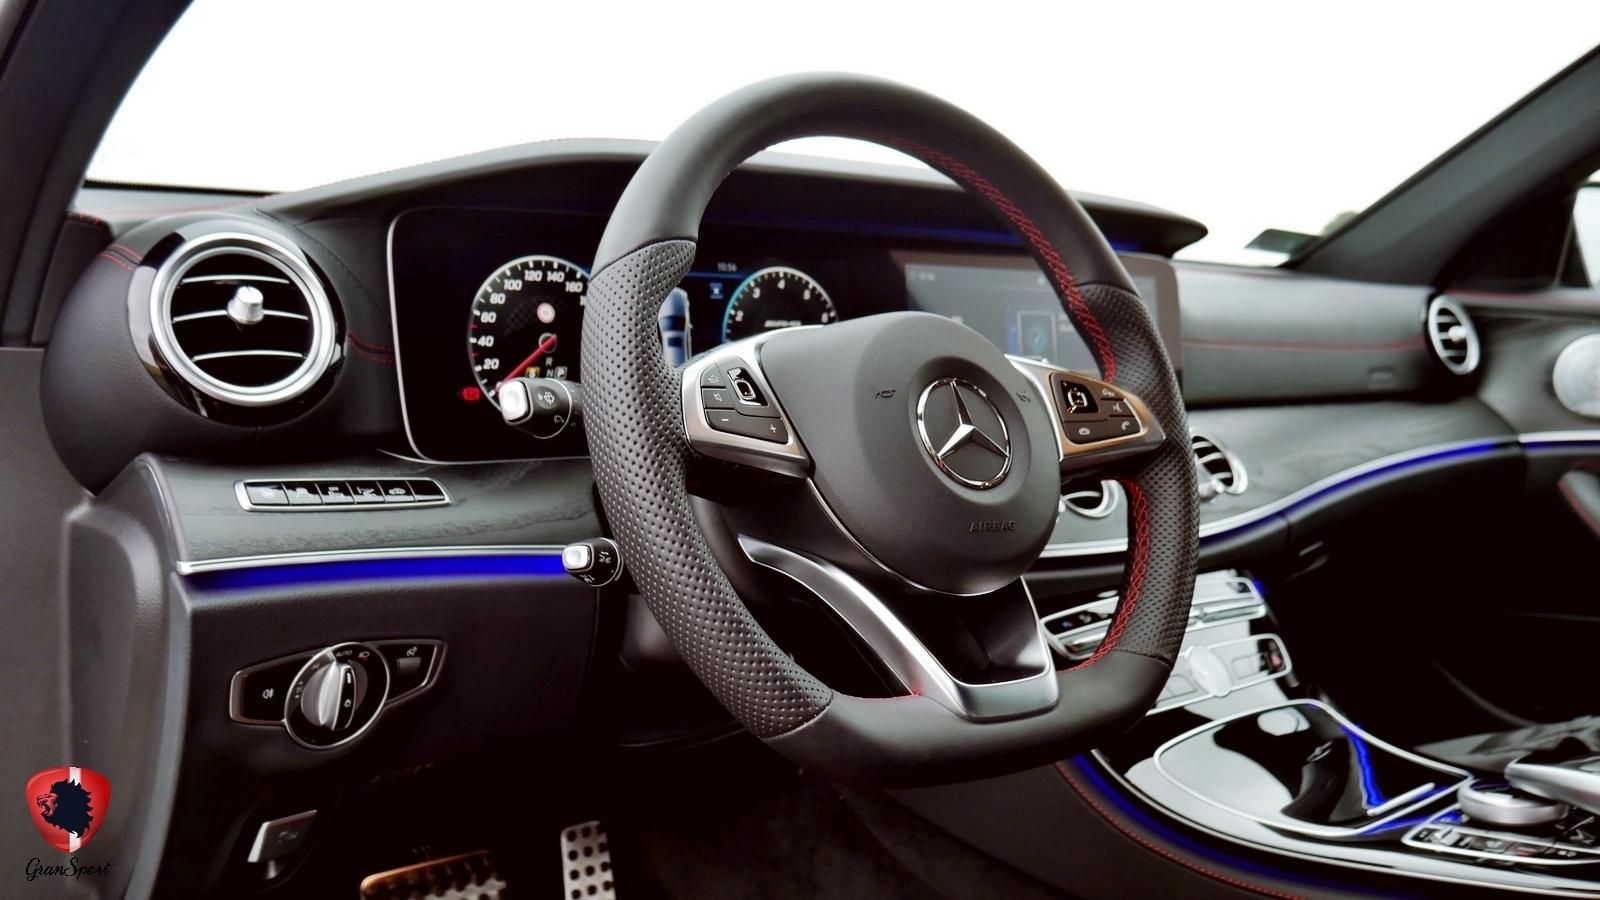 Mercedes-AMG E43 Brabus